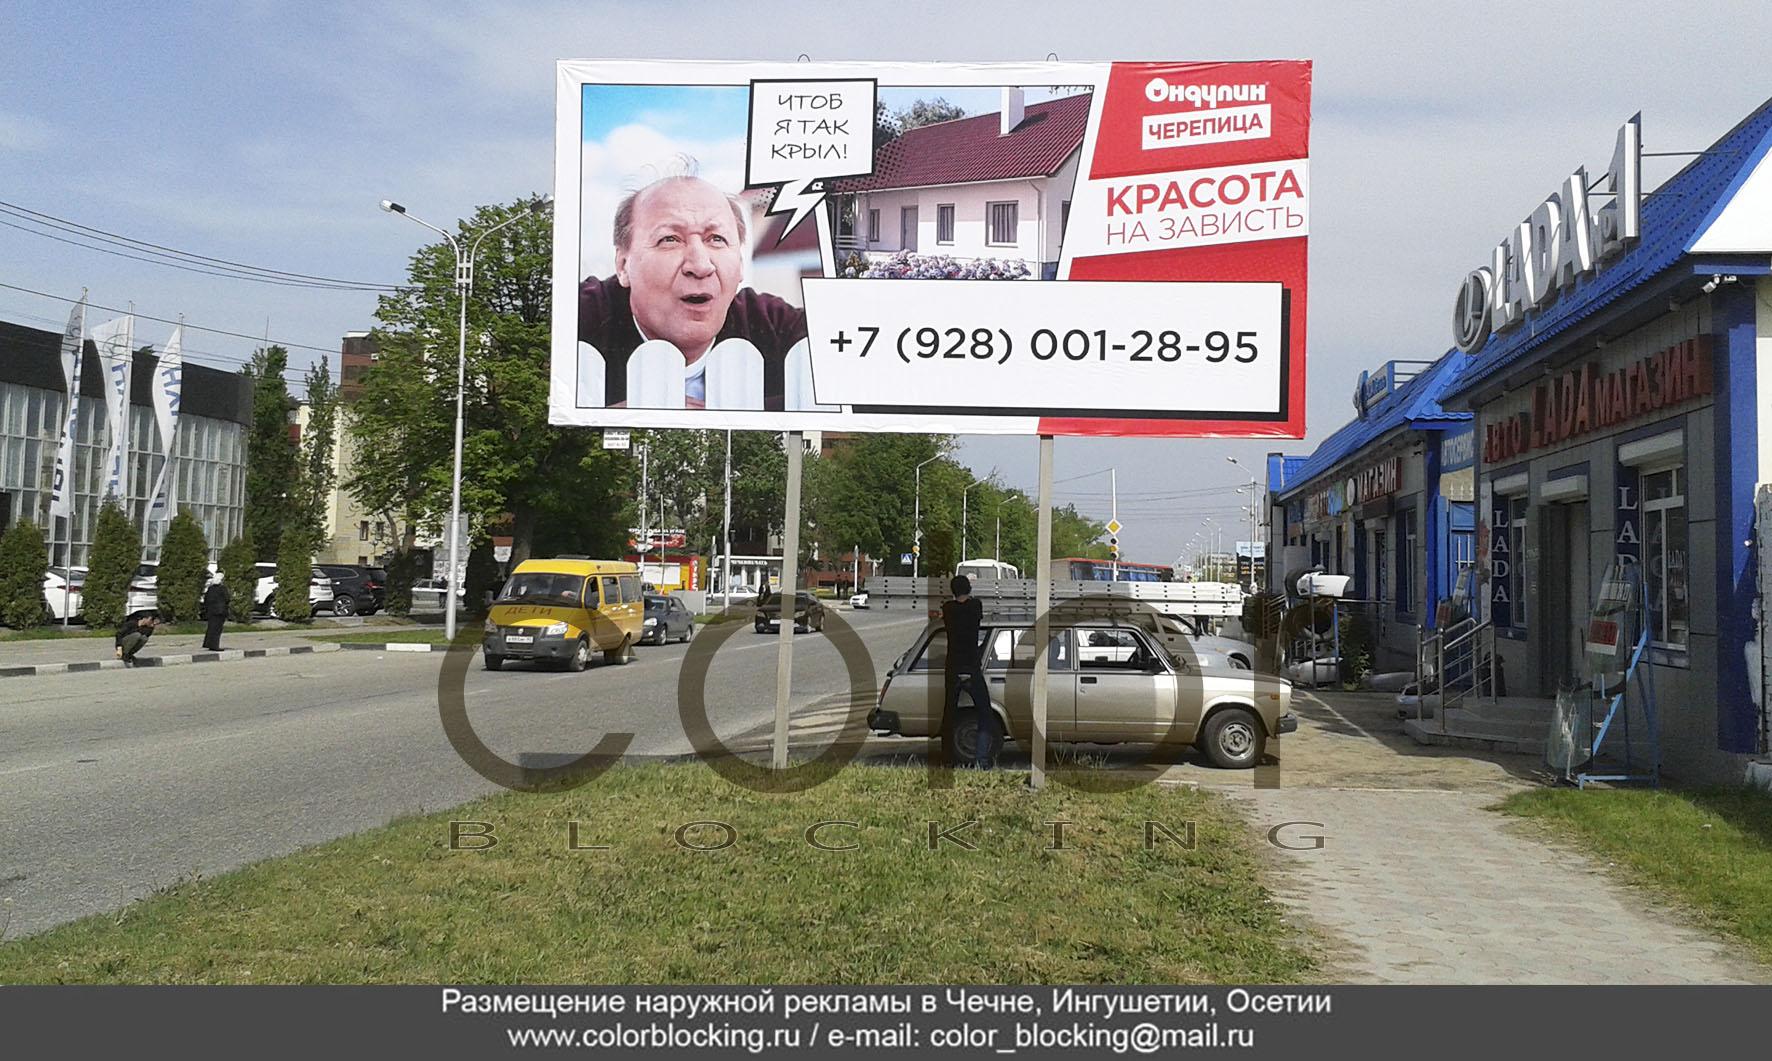 Наружная реклама 3х6 в Чечне уличная